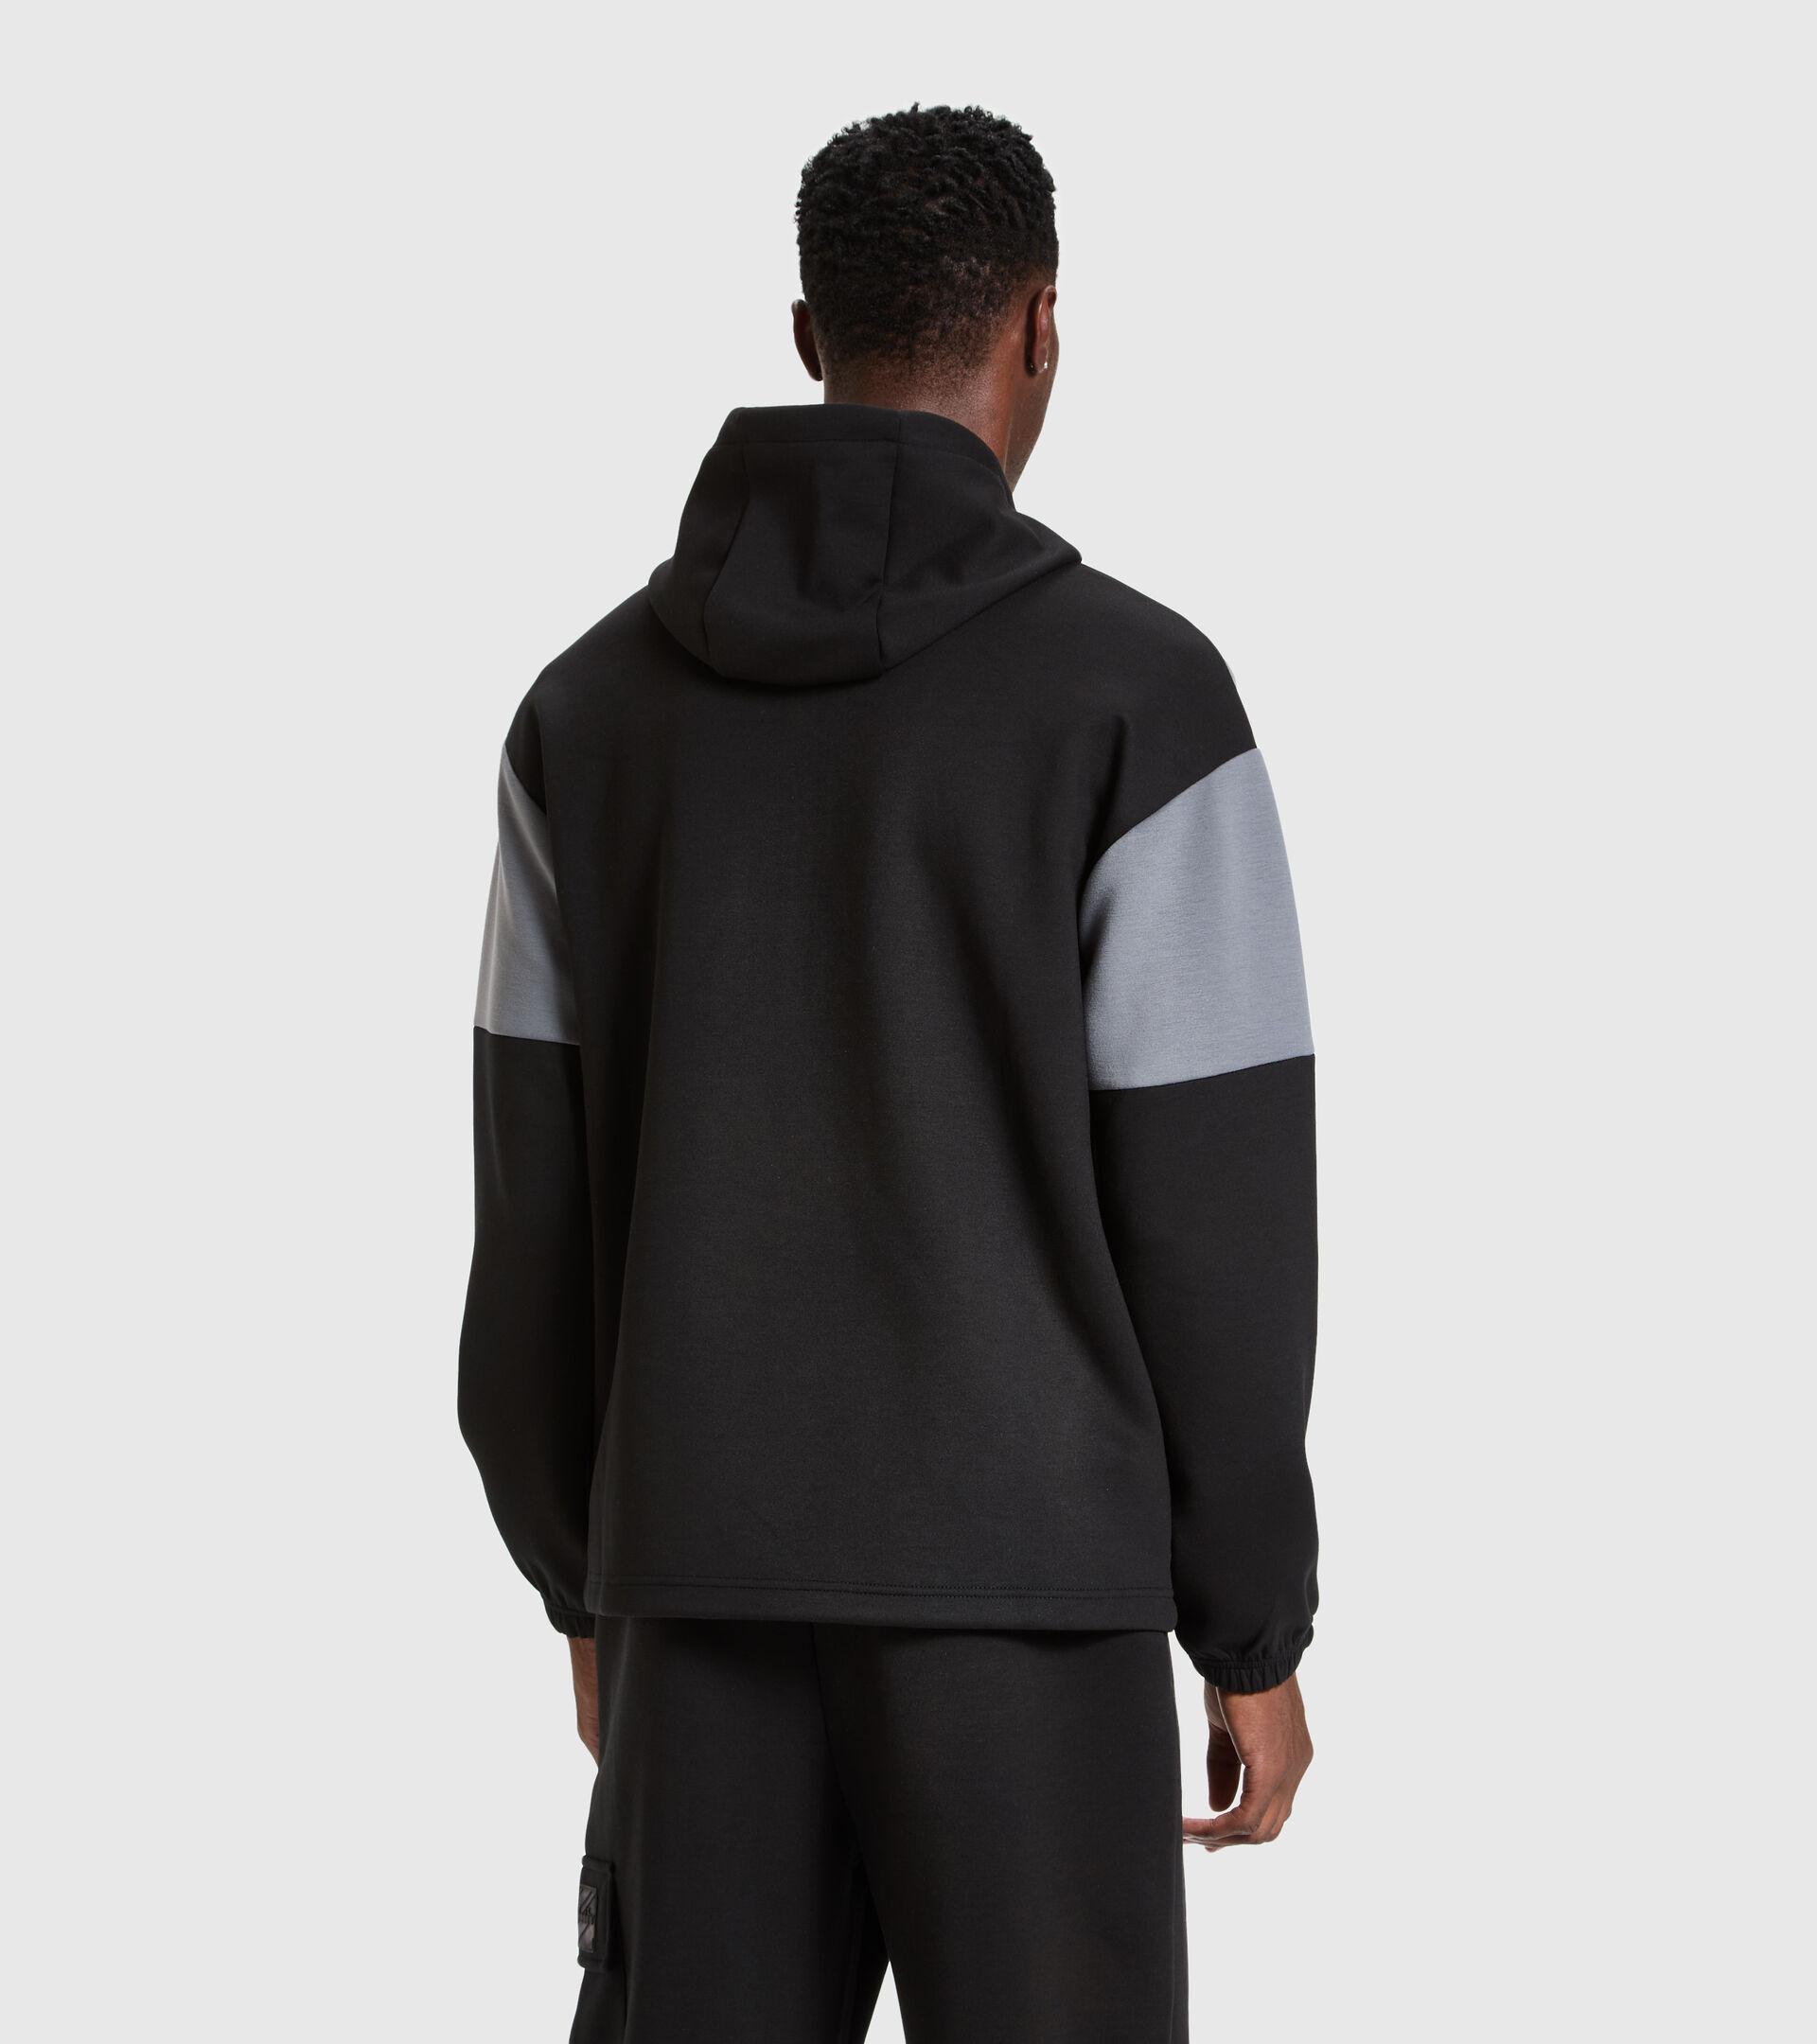 Hooded sweatshirt - Men HOODIE URBANITY BLACK - Diadora